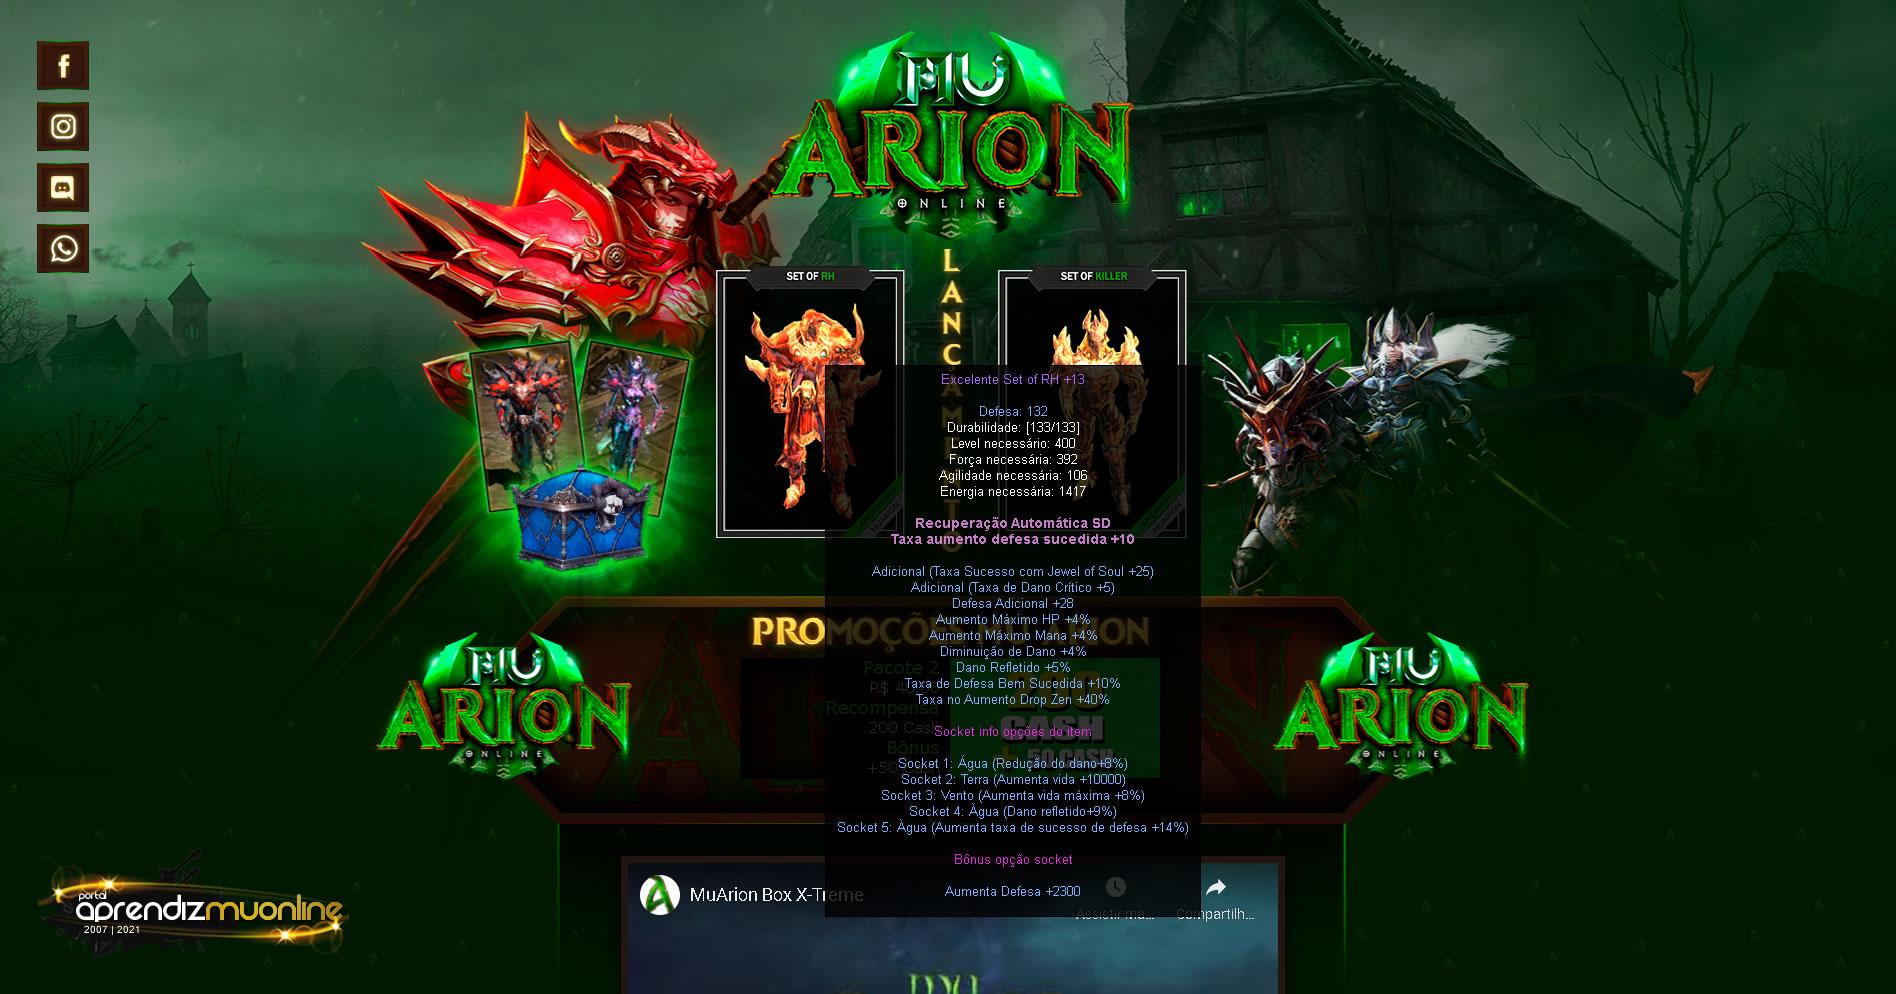 Entrada Mu Arion 2021, baixar intro de mu online atualizada 2021, intro de mu online season 16, baixar gratis website de mu online, como criar servidor de mu online!